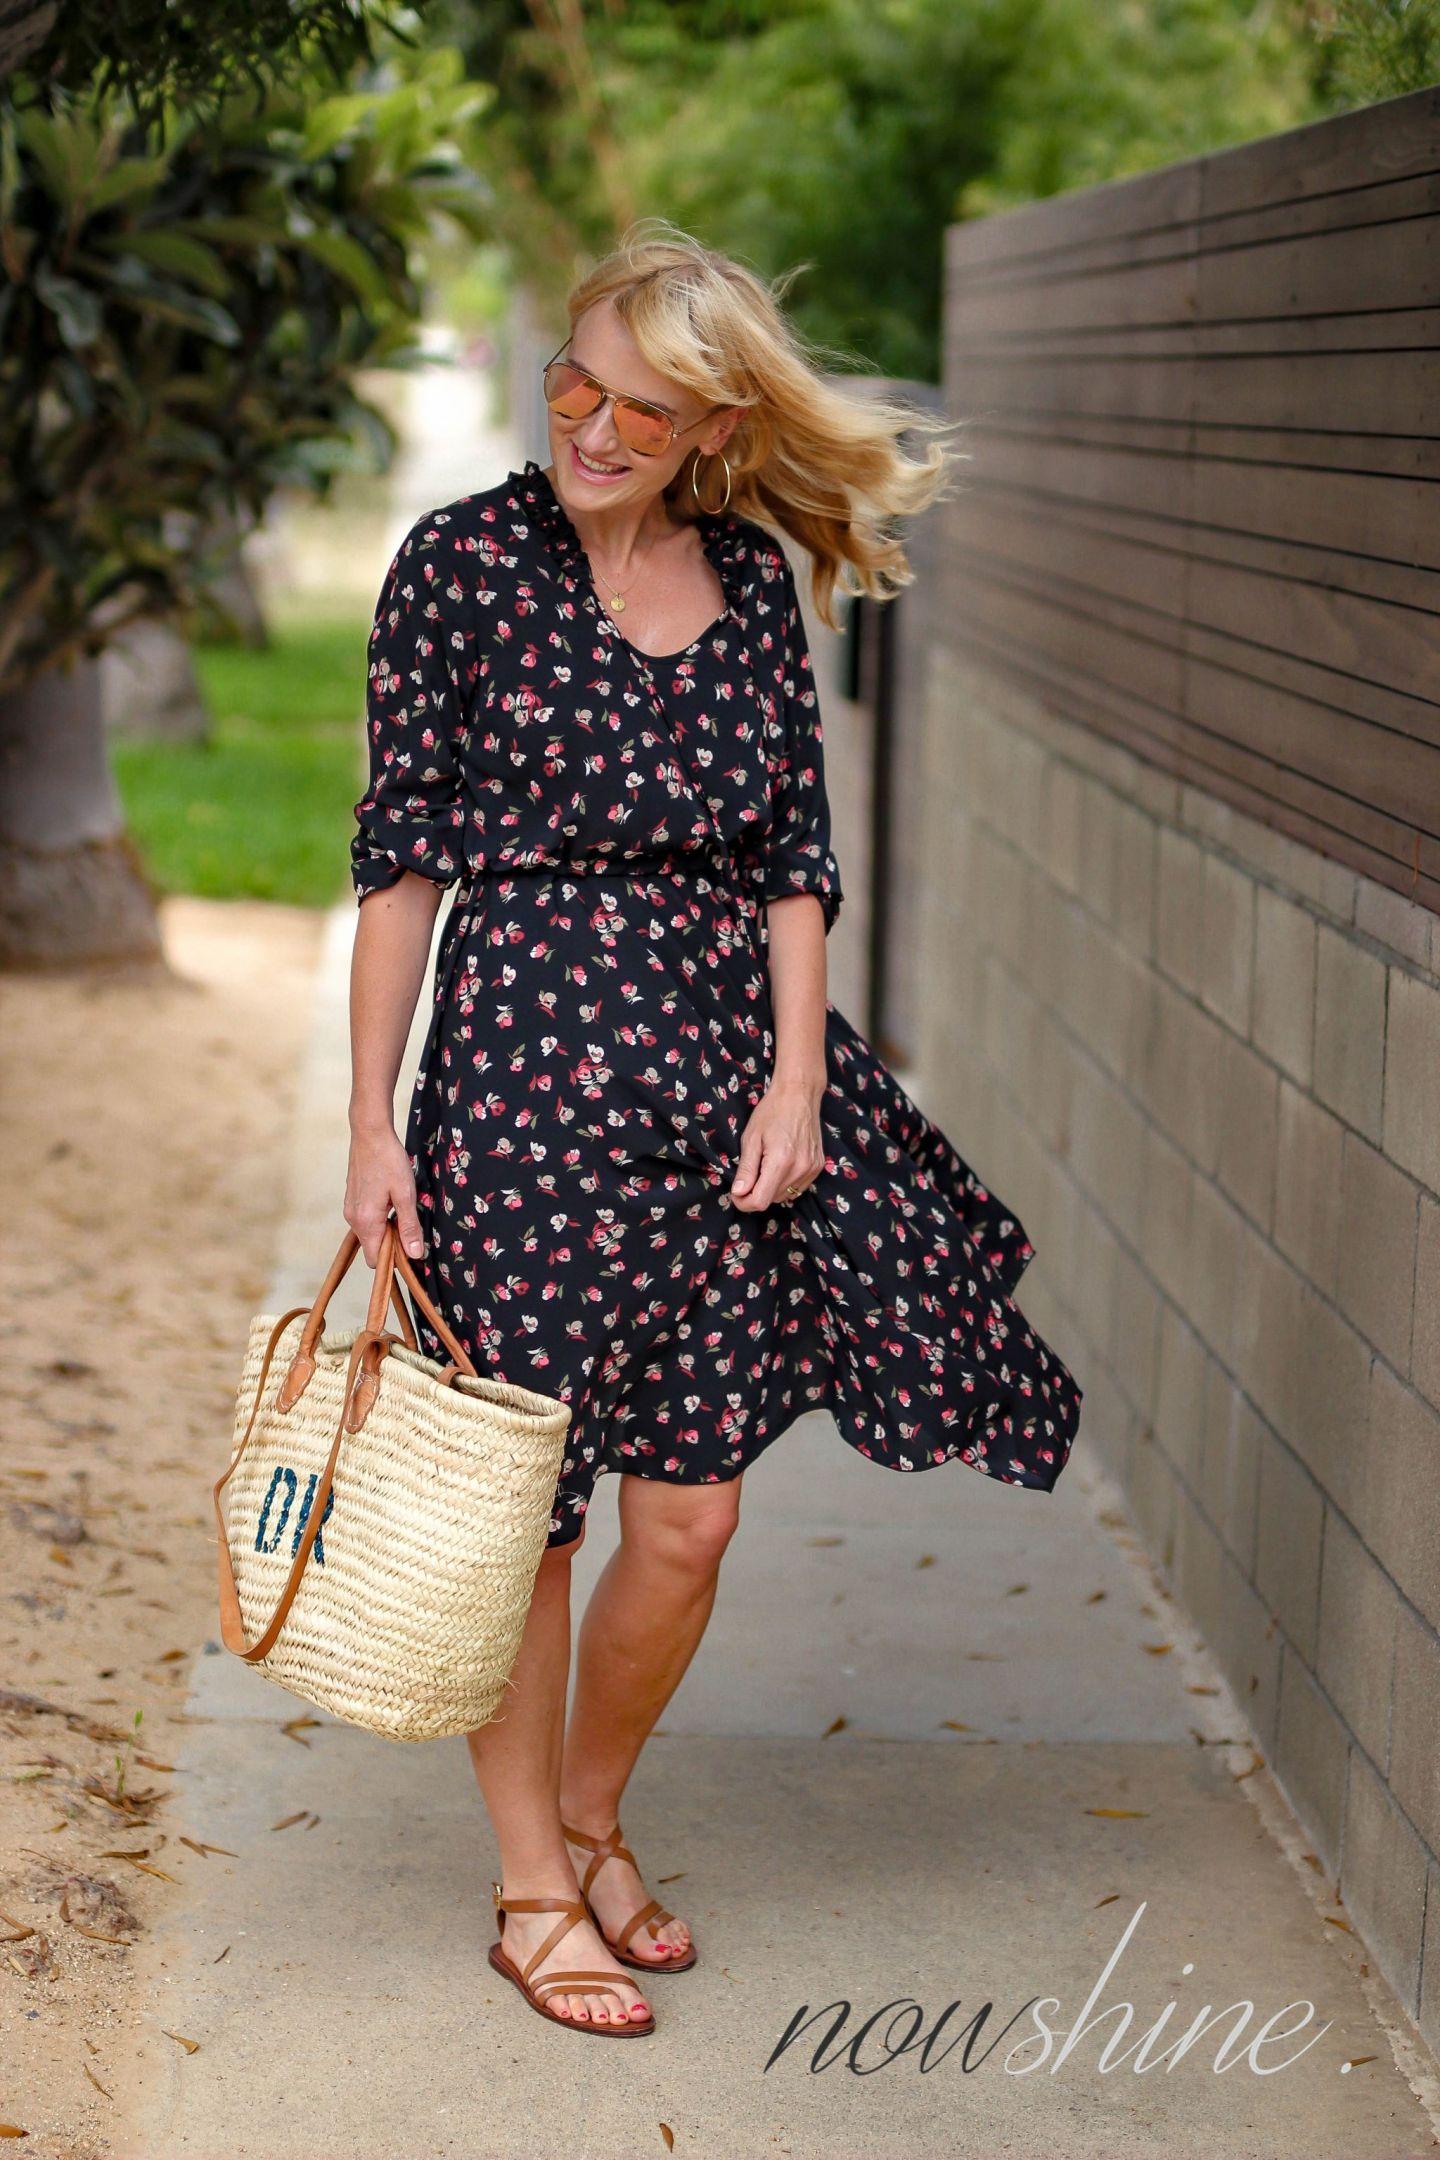 Aus dem WENZ Katalog - Kleid mit Blumen in Venice Los Angeles - Nowshine ü 40 Reiseblog